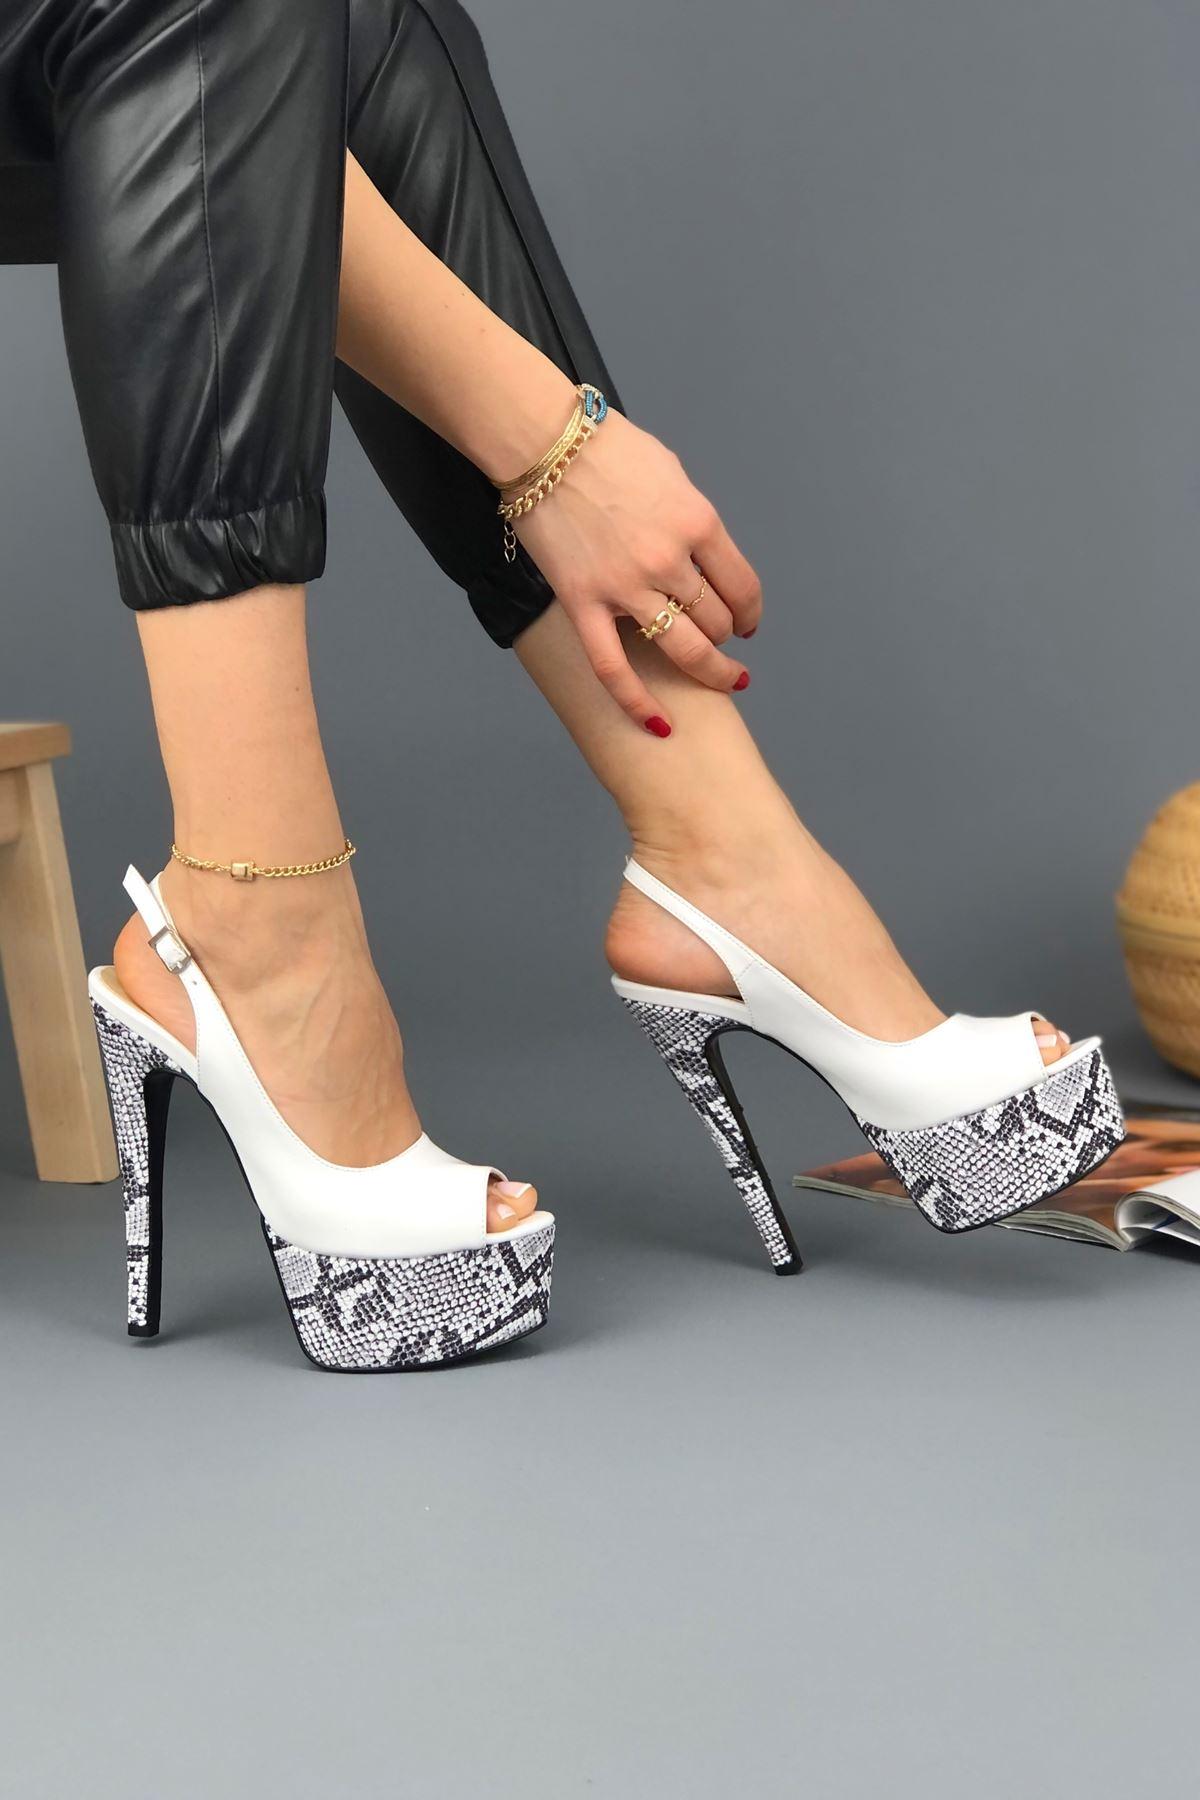 Ruby Beyaz Rugan - Yılan Yüksek Topuklu Kadın Ayakkabı